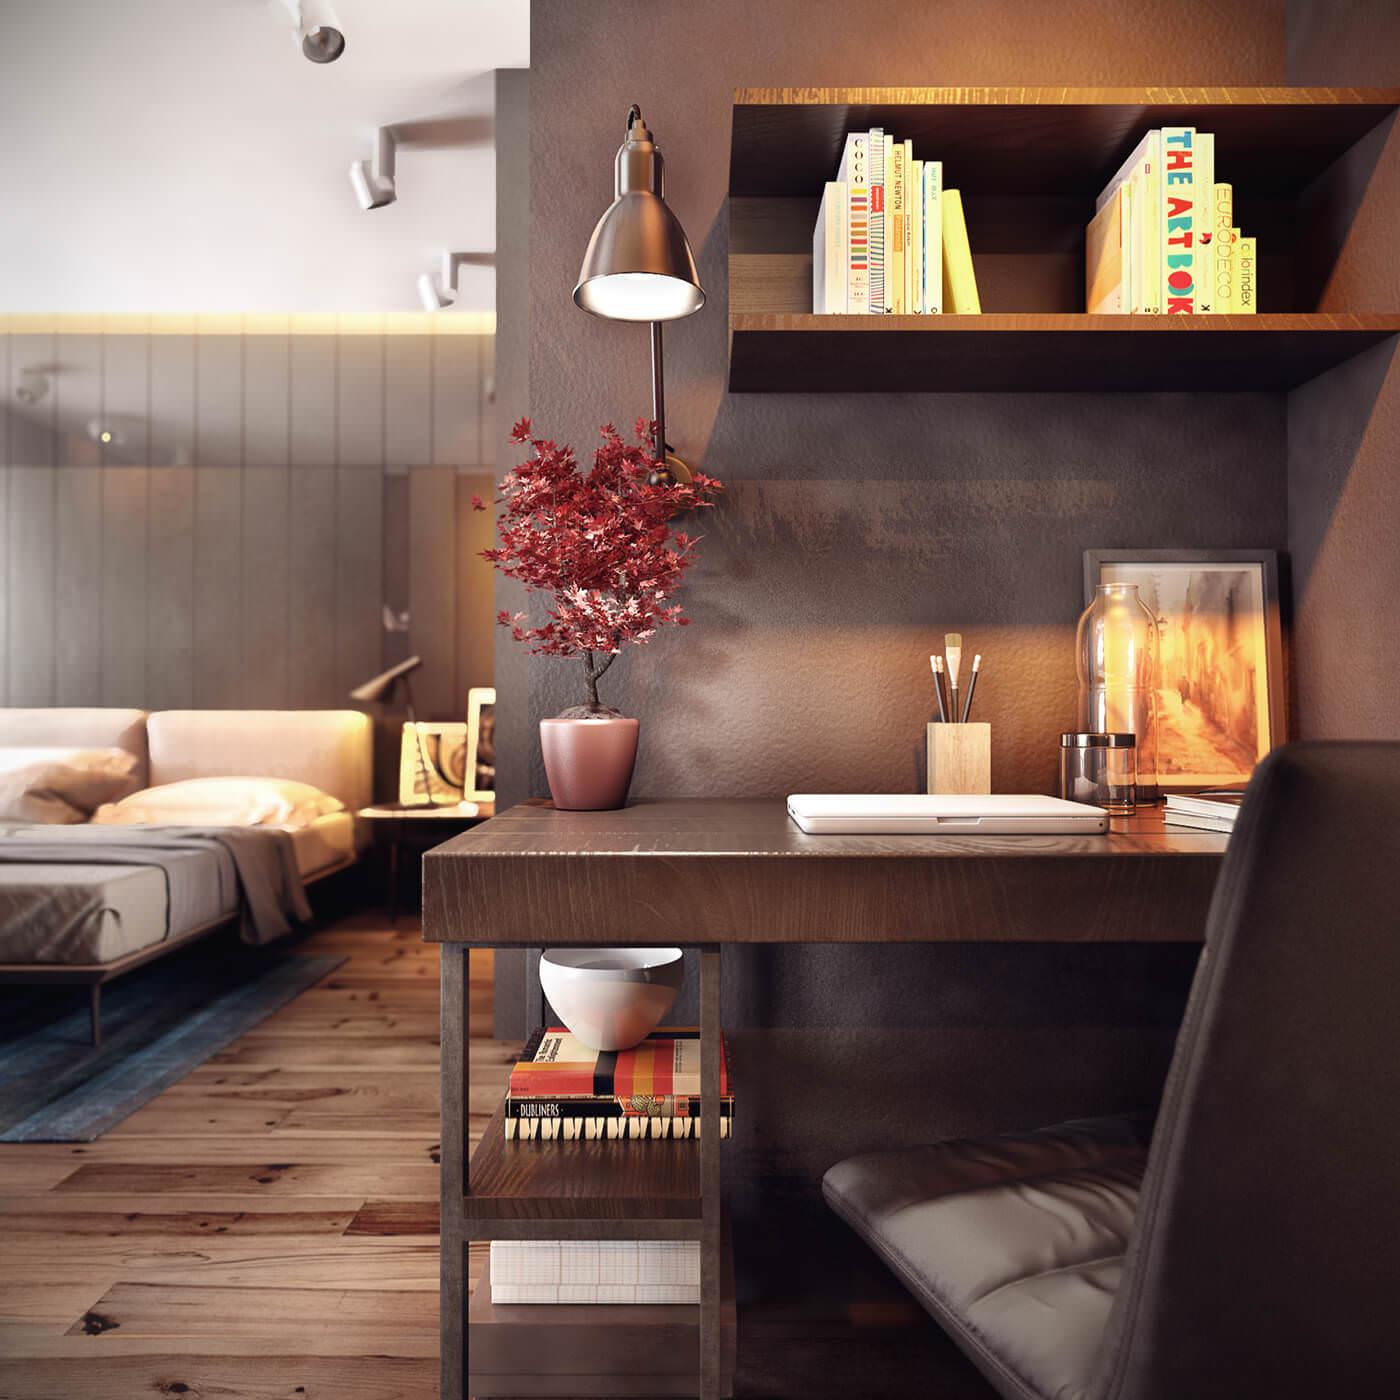 prostoren-apartament-s-eleganten-interior-v-neutralni-tsvetove-8g